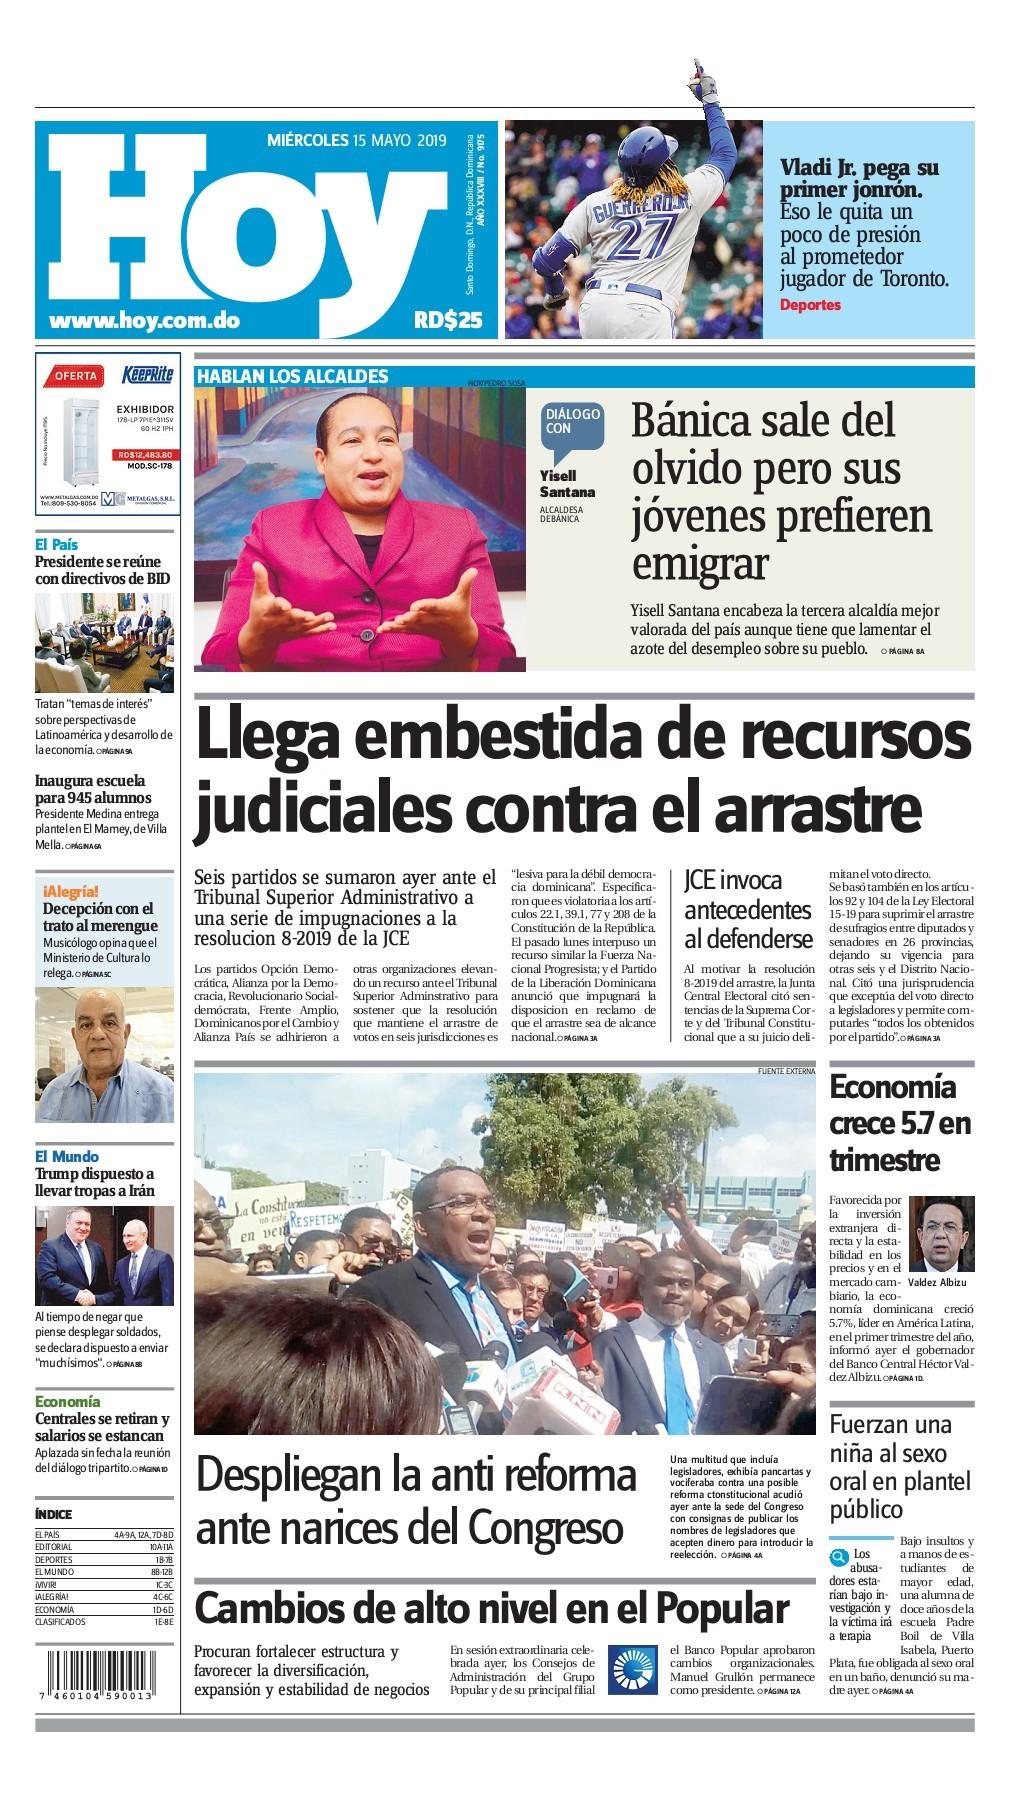 Portada Periódico Hoy, Miércoles 15 Mayo 2019